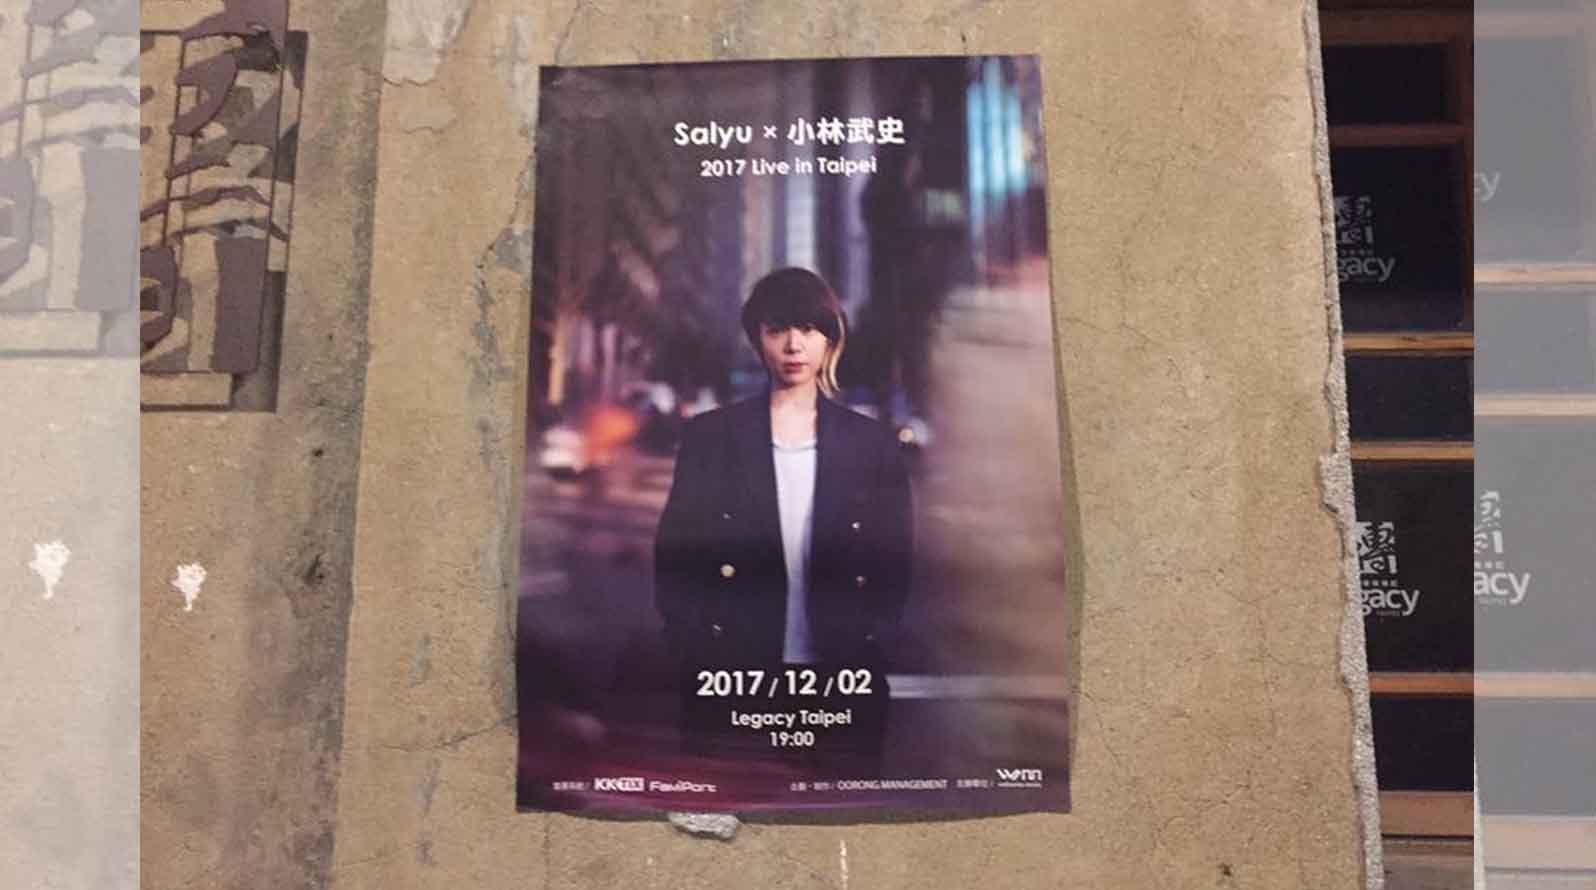 【迷迷歌單】Salyu X 小林武史 2017 Live in Taipei